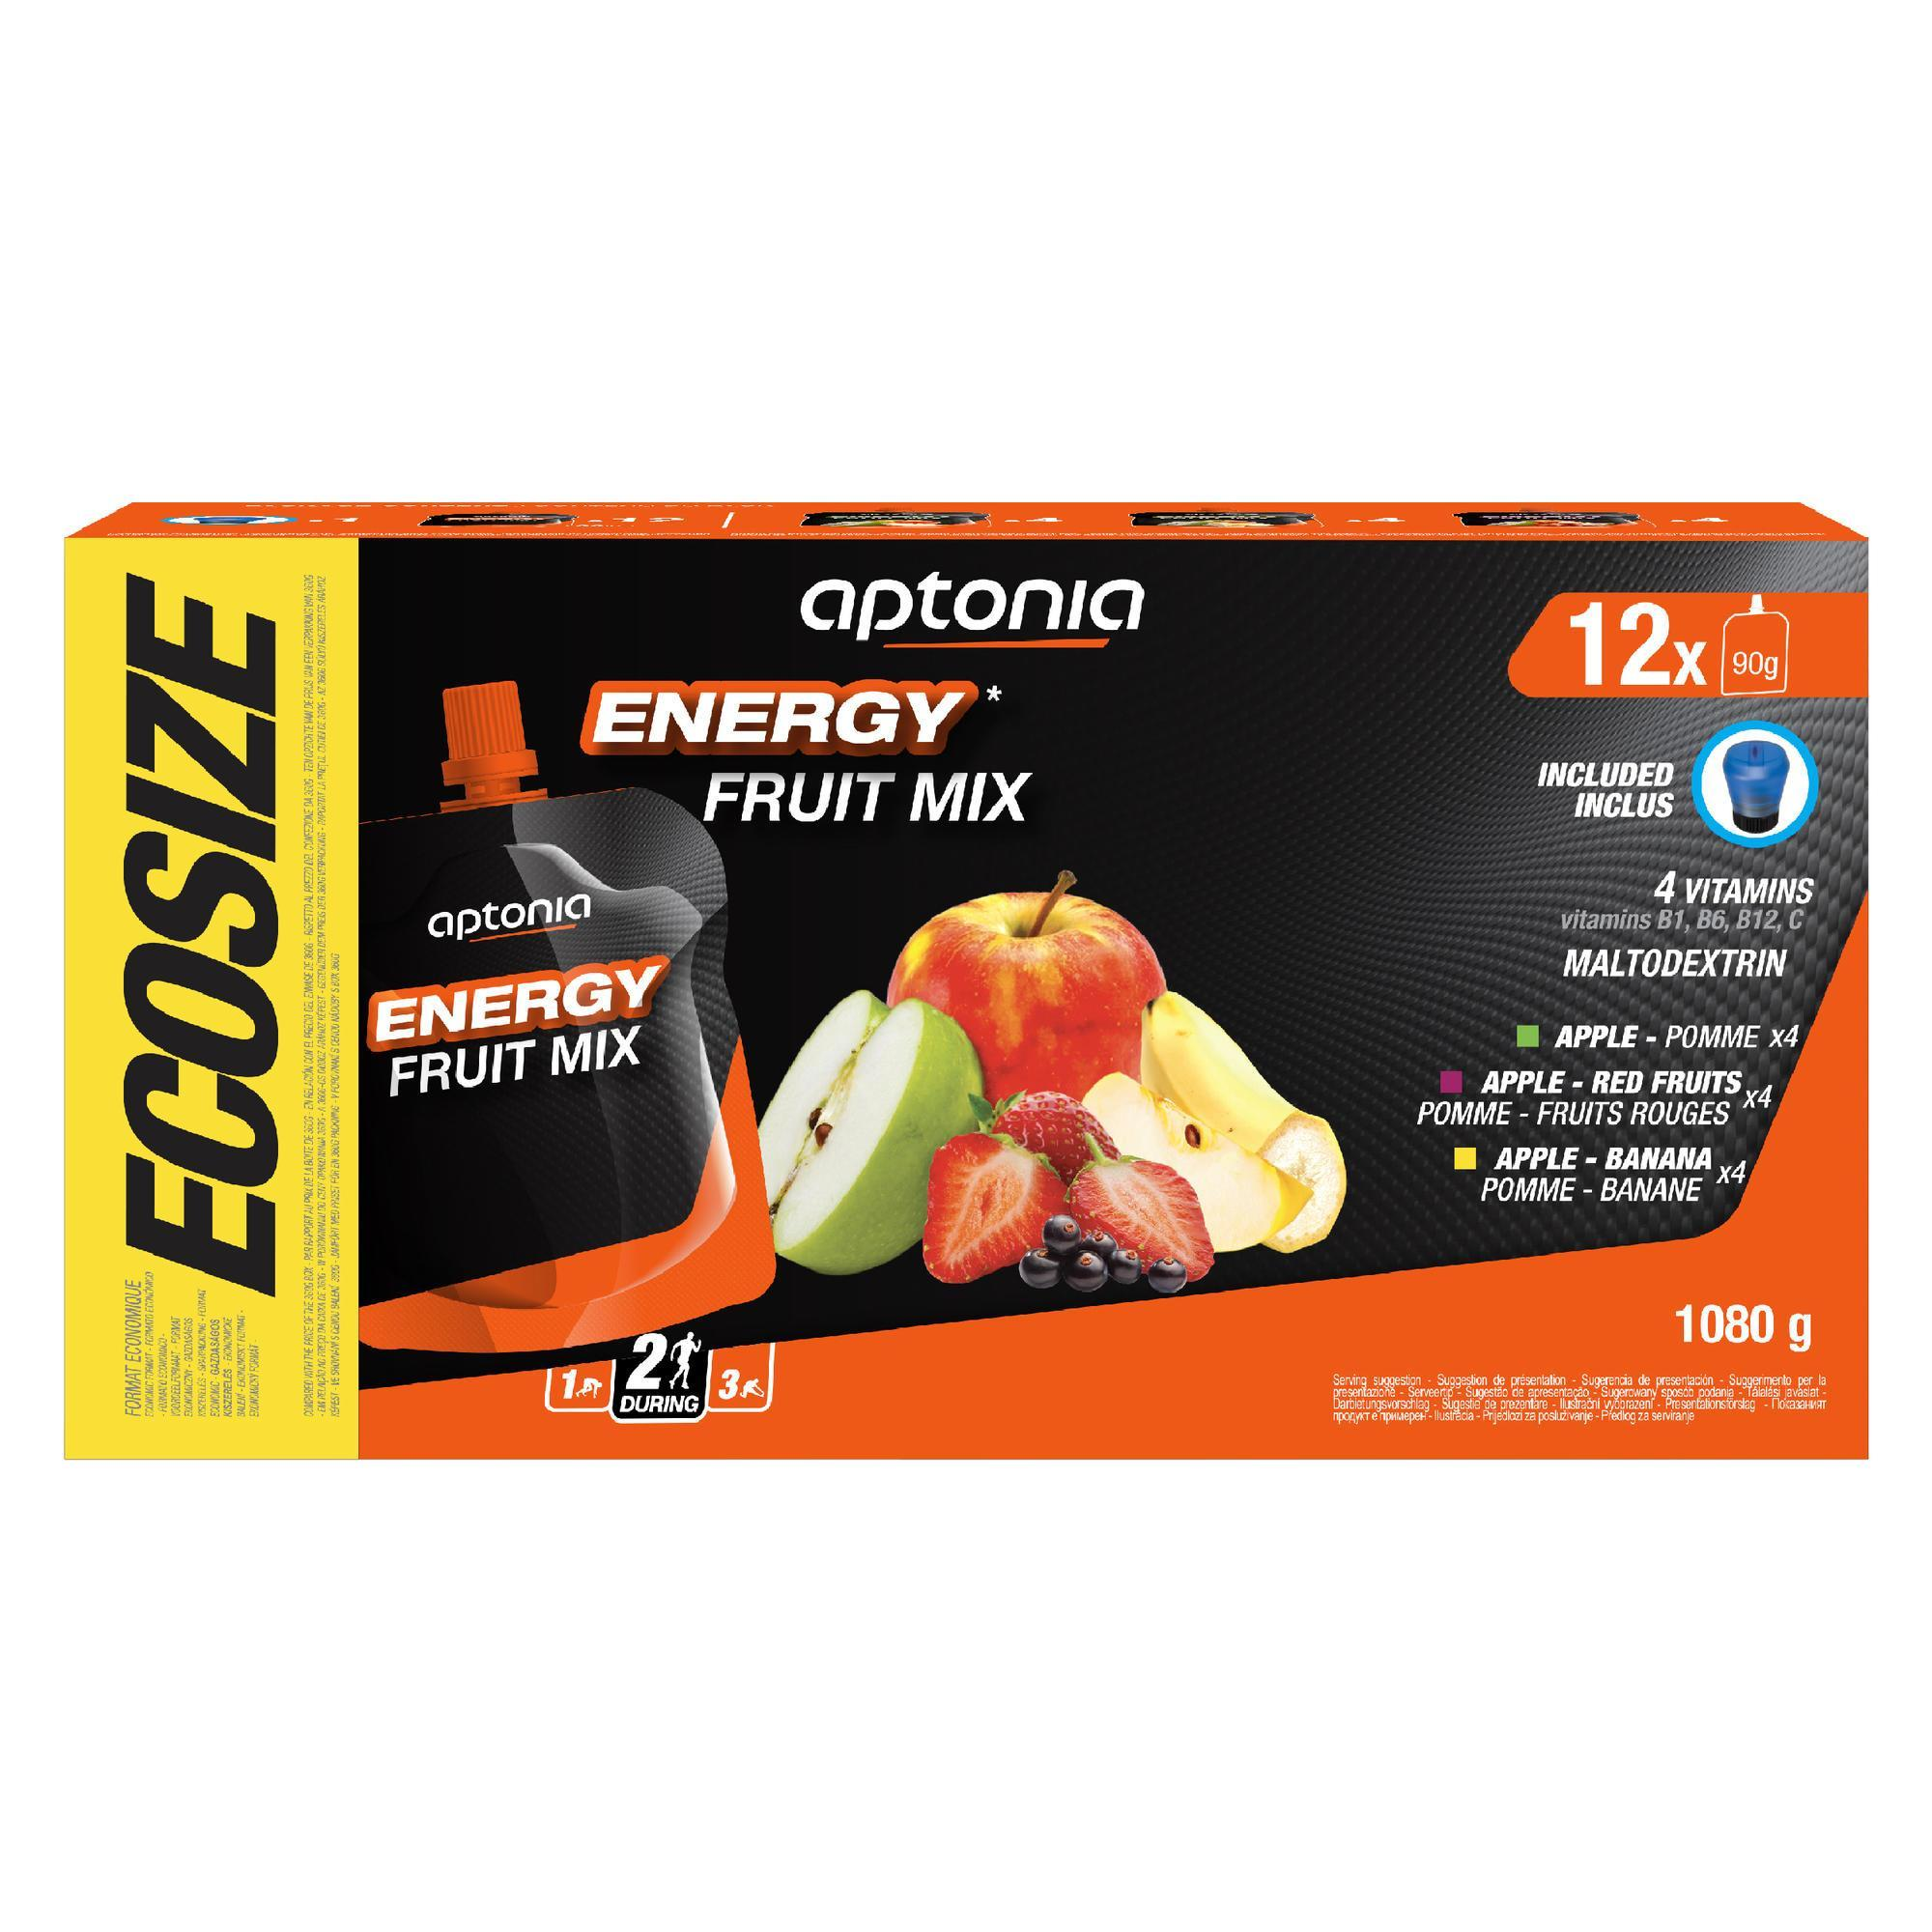 Spécialité de fruits énergétique 12x90g Pomme, Pomme-Banane, Pomme-Fruits Rouges - Aptonia